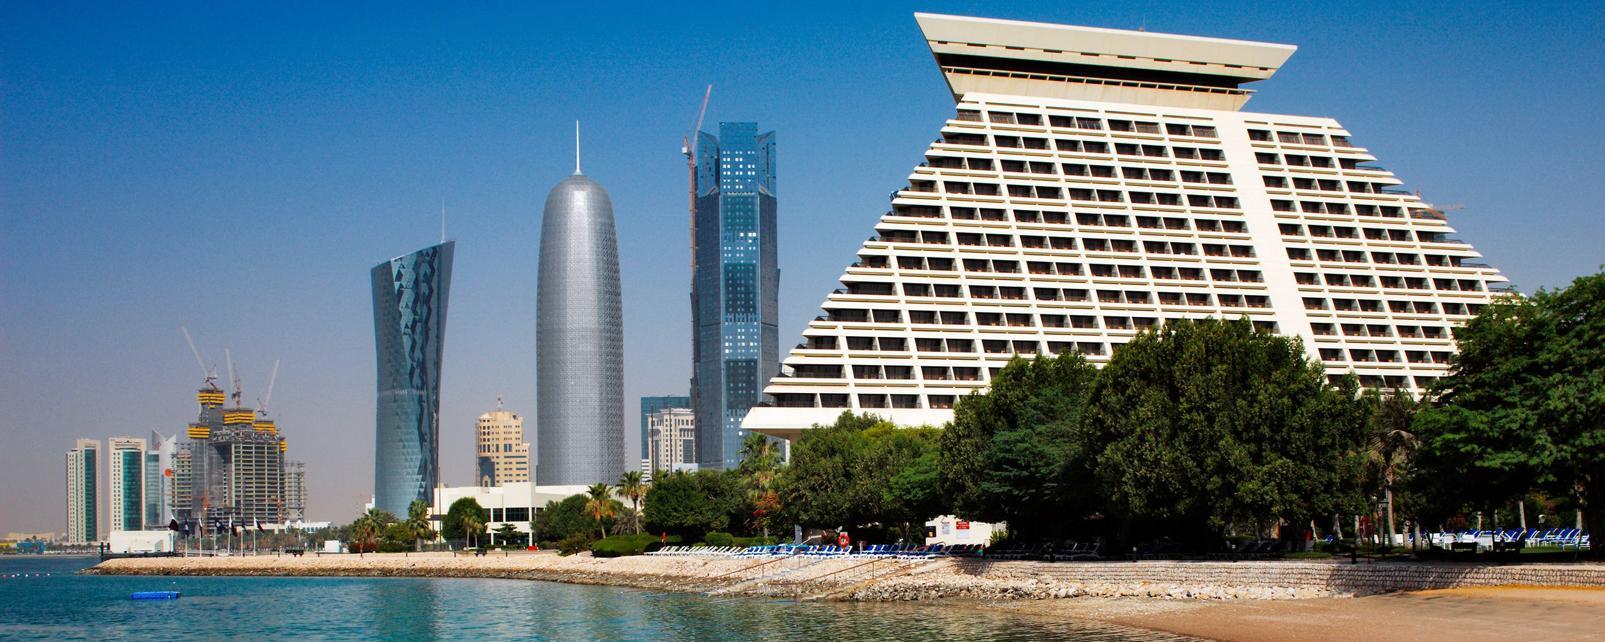 Moyen-Orient, Qatar, Doha, plage, ville, baignade, gratte-ciel, arbre,